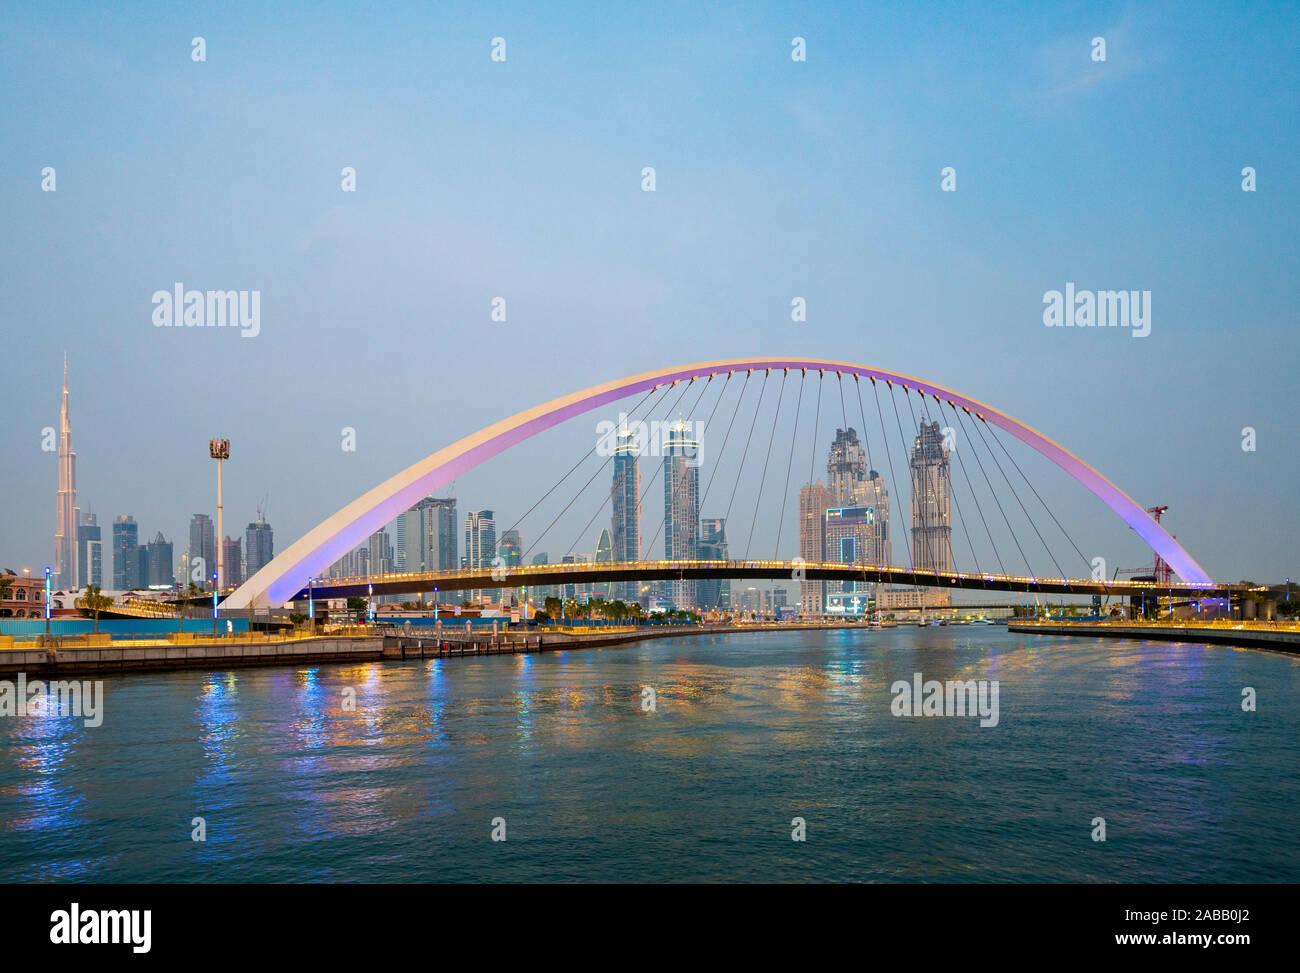 Voir de nouveau l'eau de Dubaï un canal d'eau qui se connecte dans la Crique de Dubaï et sur la mer. Émirats arabes unis, Émirats Arabes Unis Banque D'Images